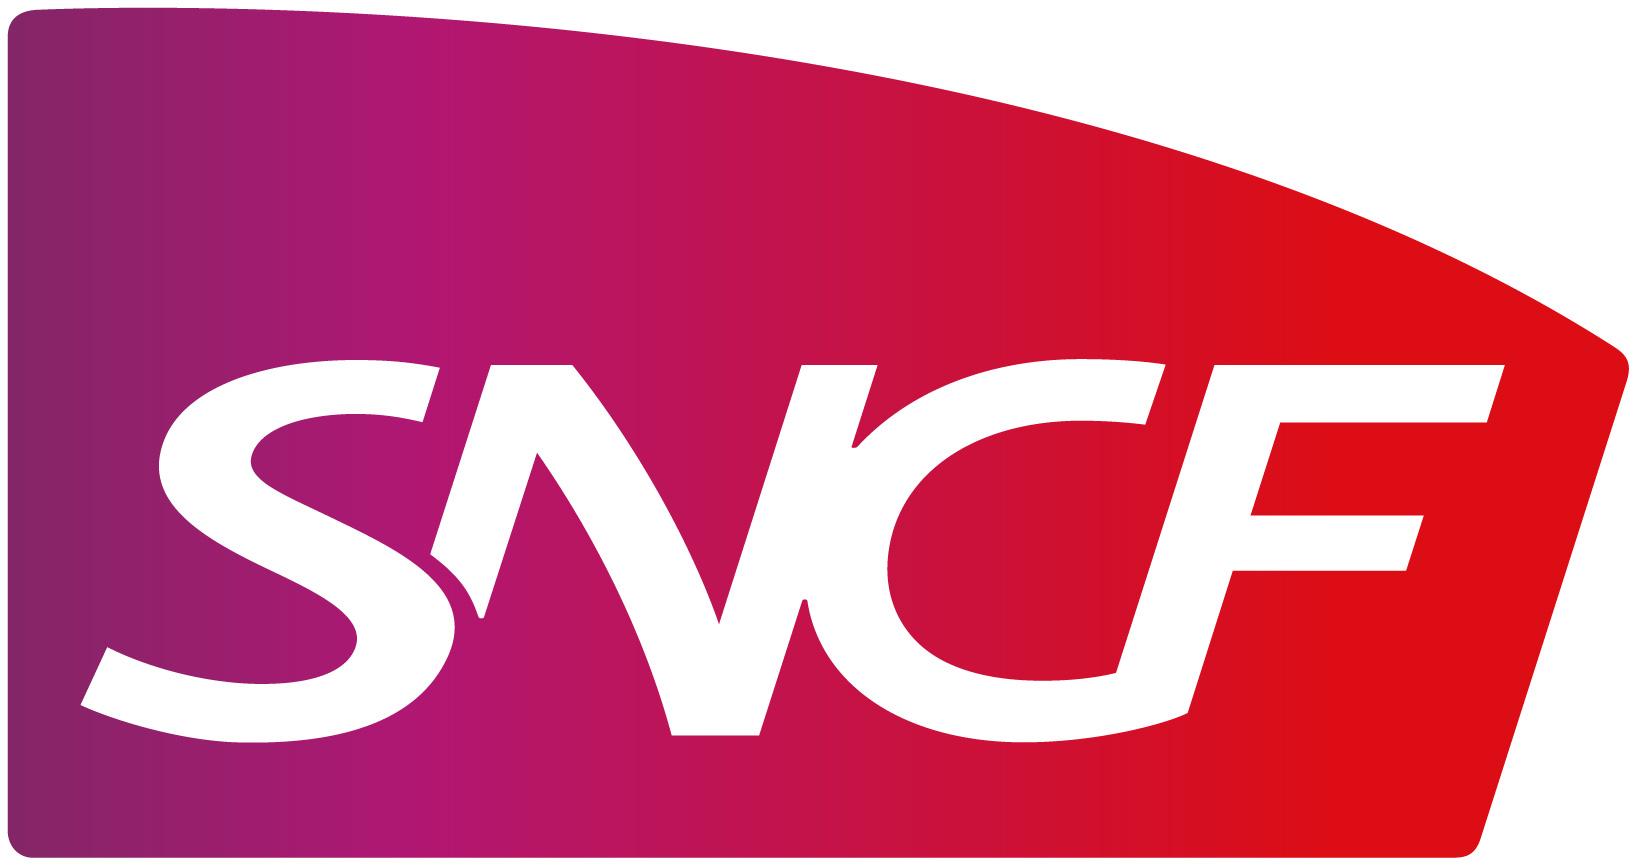 SNCF(フランス国鉄)が、Atenaoを選択